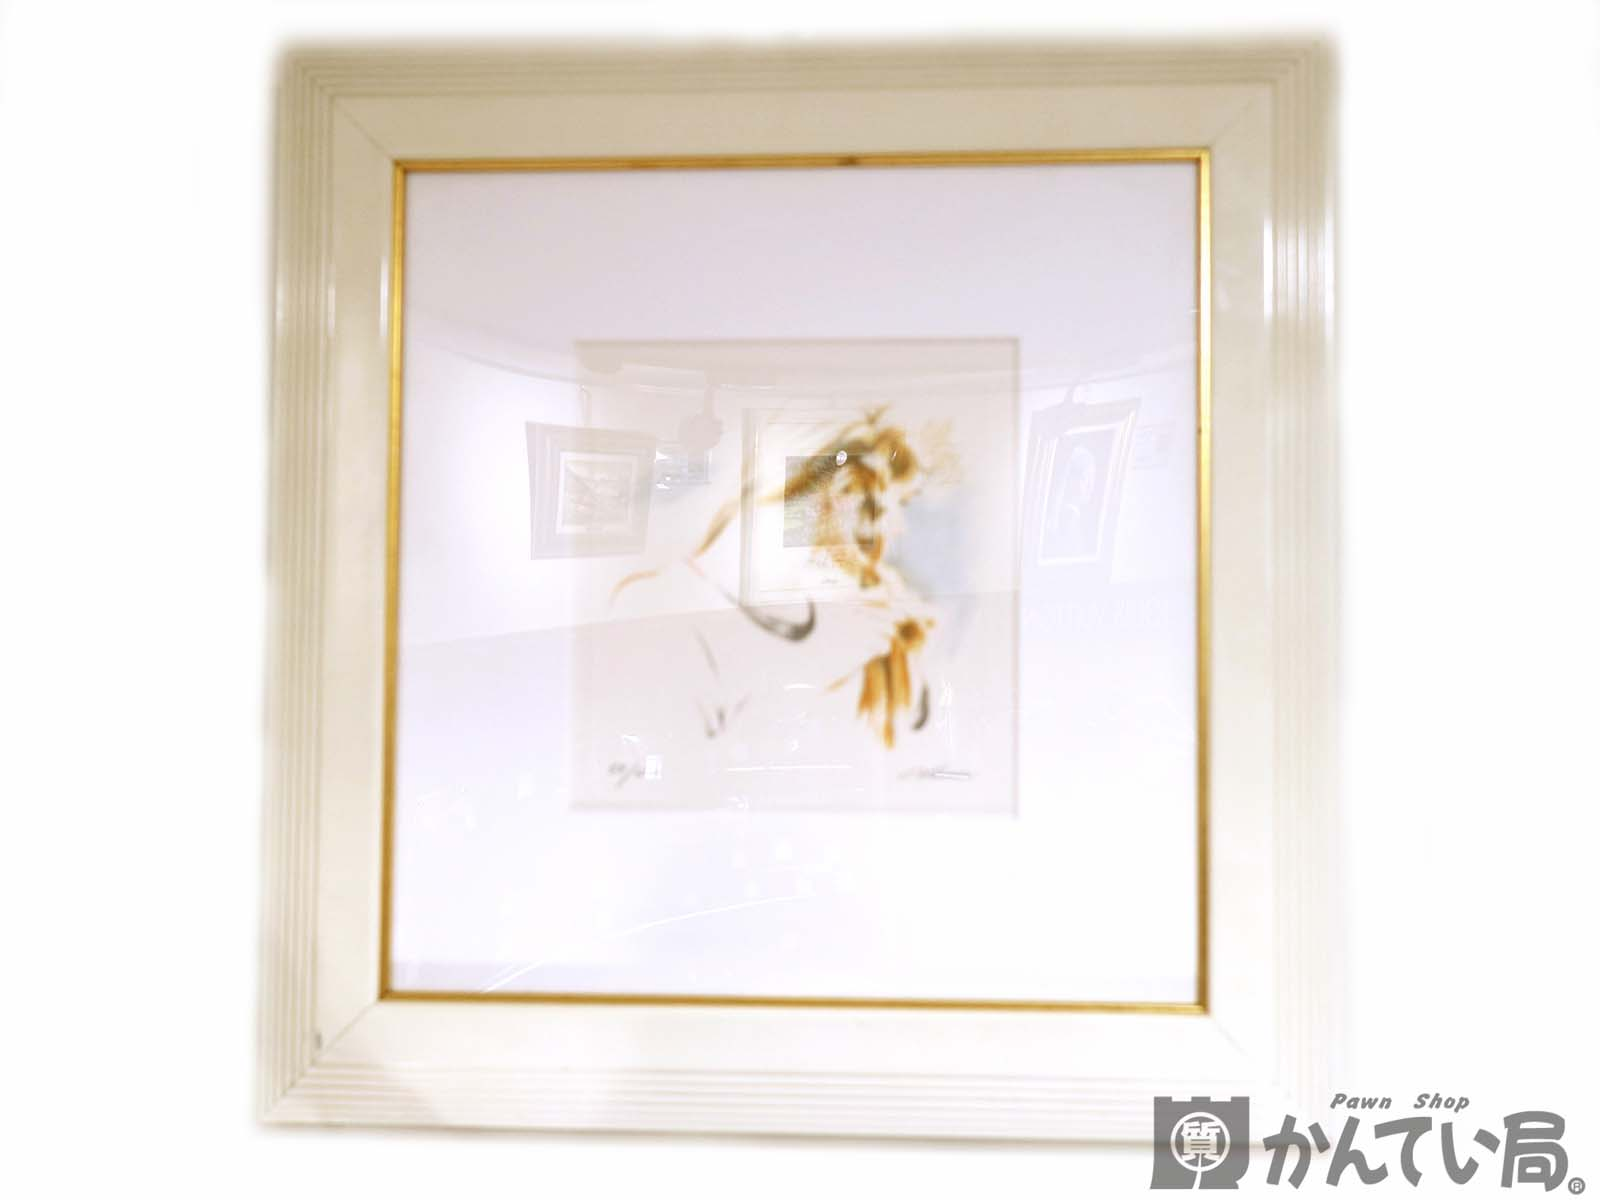 チェイス・チェン ブレイディング ウィズ ハー ヘア シルクスクリーン 絵画 版画 【中古】 USED-6 質屋 かんてい局北名古屋店 n18-6325